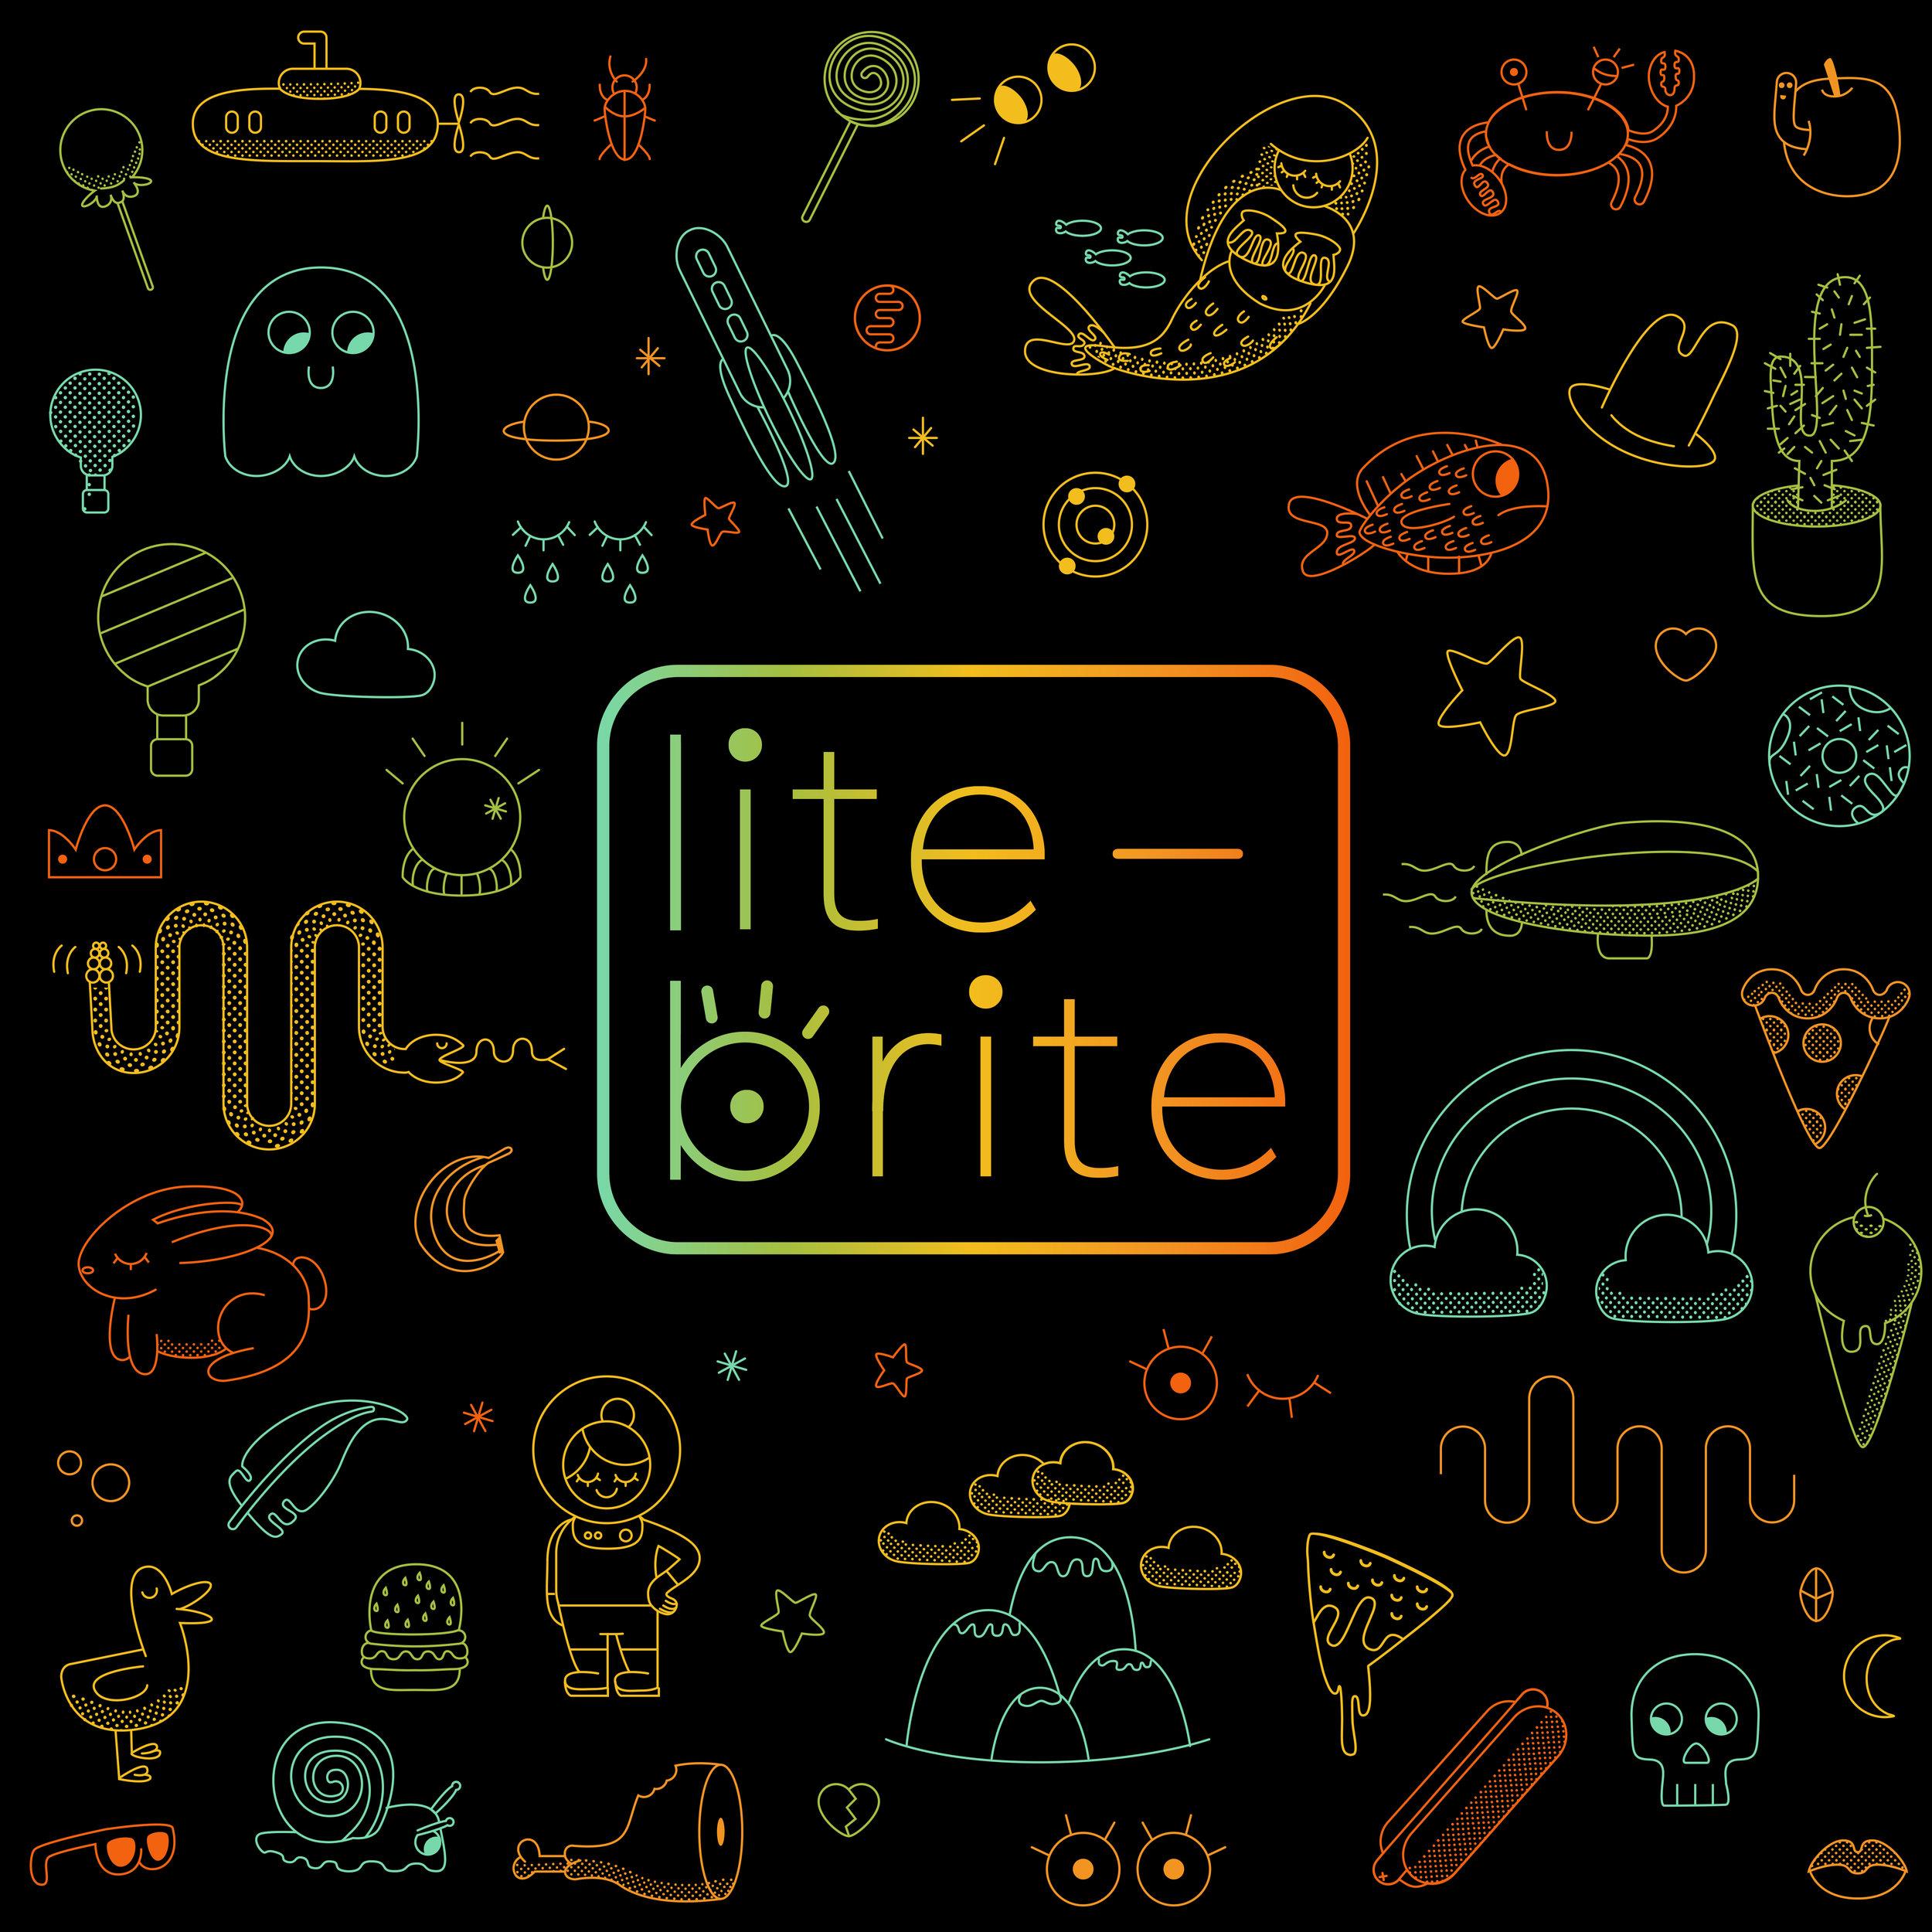 lite_brite.jpg